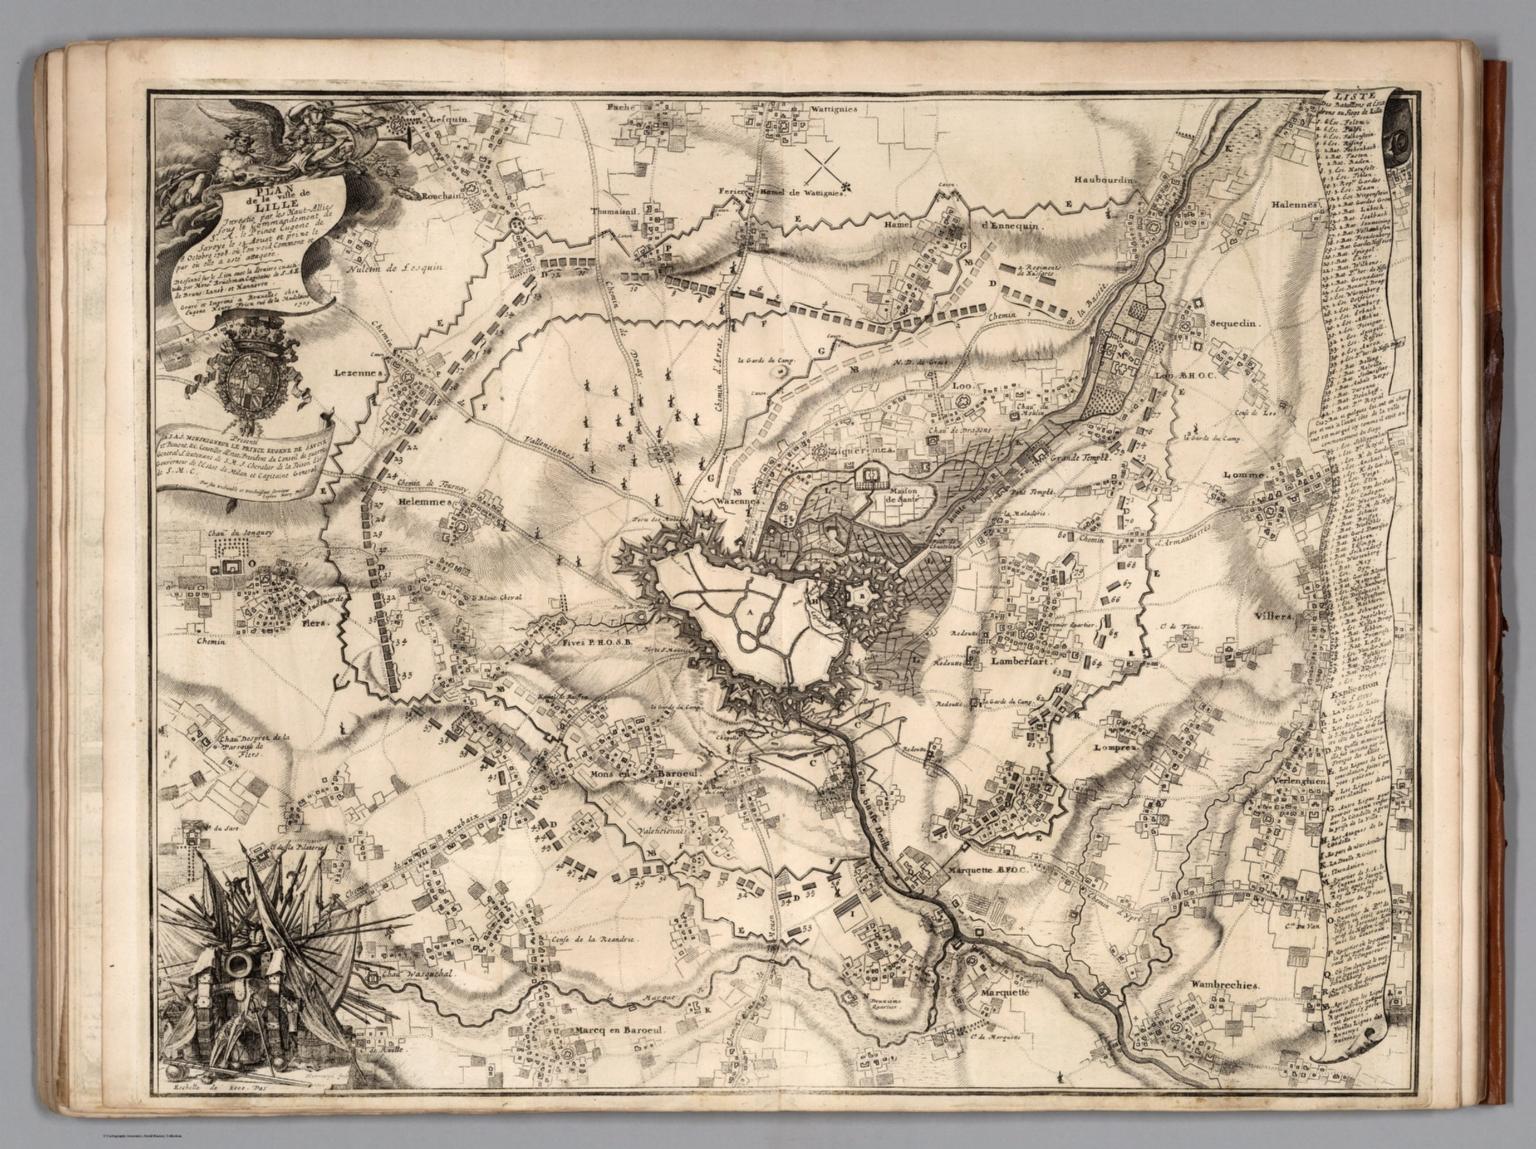 36. Plan du Siege de Lille, Belgium. 1708.